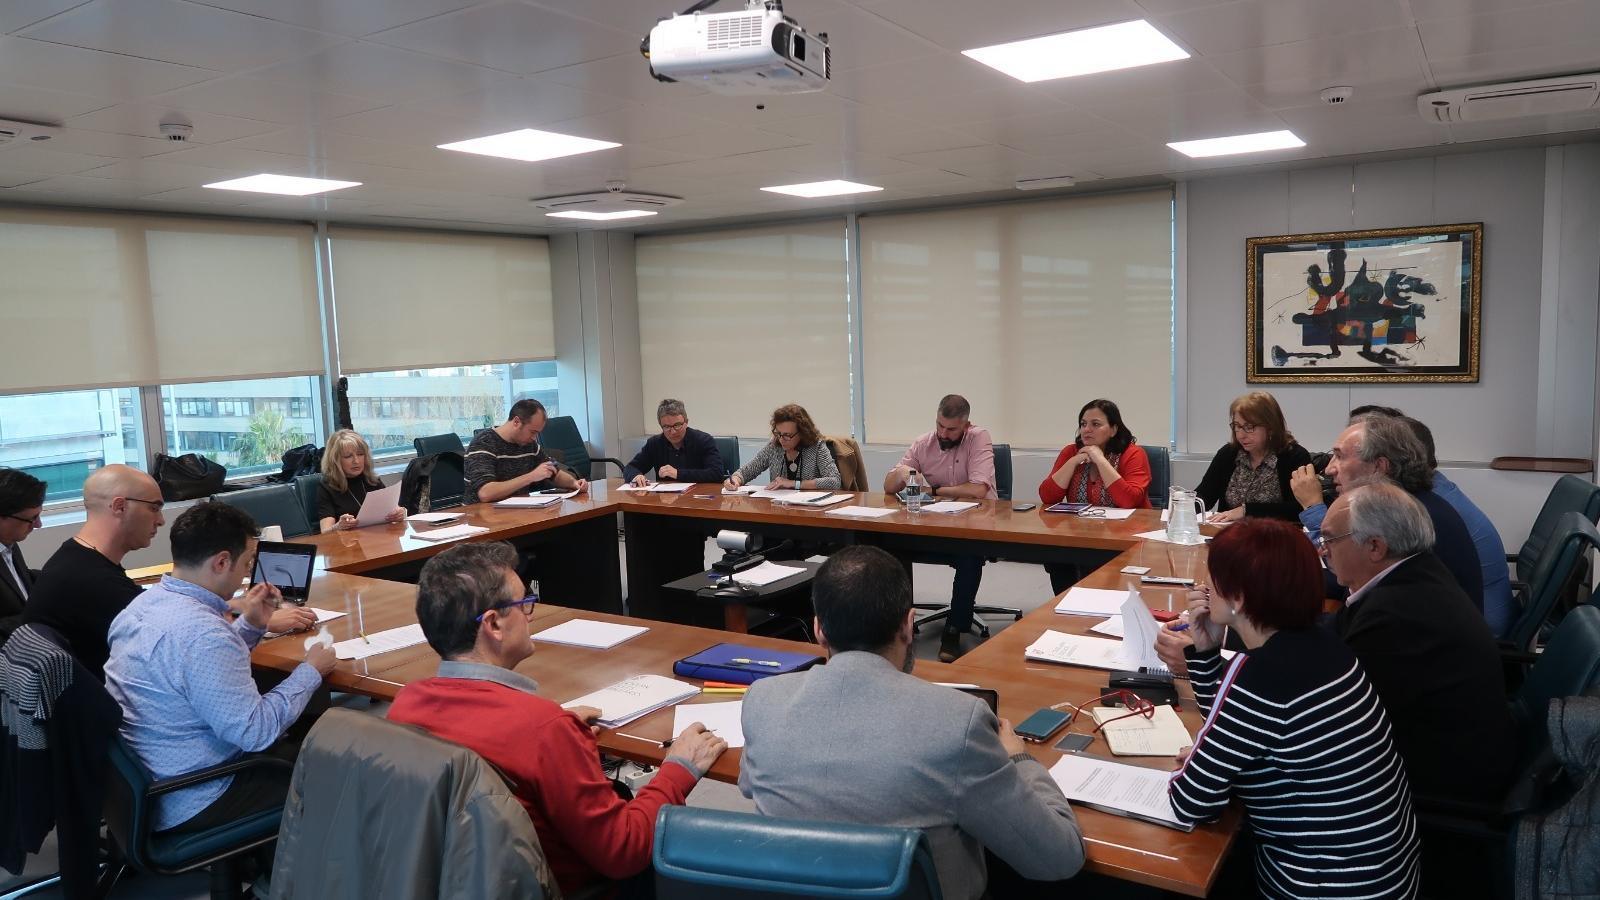 Reunió dels Directors de centre i dels responsables de la conselleria d'Educació per tractar sobre les retallades dels romanents